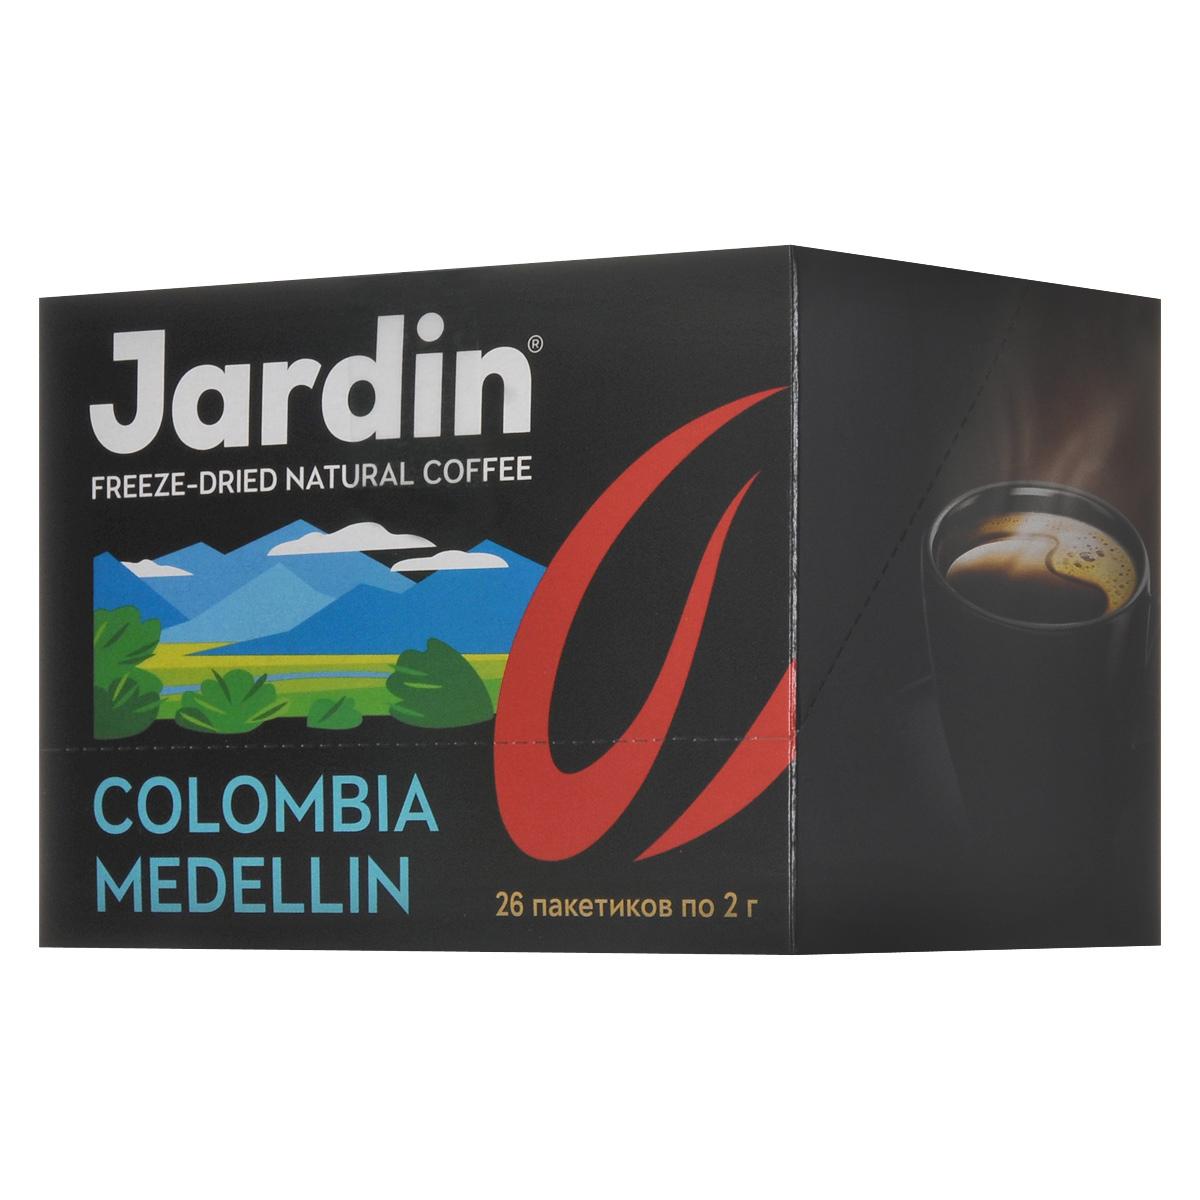 Jardin Colombia Medellin растворимый кофе в пакетиках, 26 шт0861-16Растворимый кофе в пакетиках Jardin Colombia Medellin обладает крепким, насыщенным, интенсивным ароматом. Вкус арабики из колумбийского региона Меделлин особо ценится за сочетание цветочных и шоколадных нот. А всего одна ложка сахара добавит вкусу новые карамельные ноты крем-брюле.